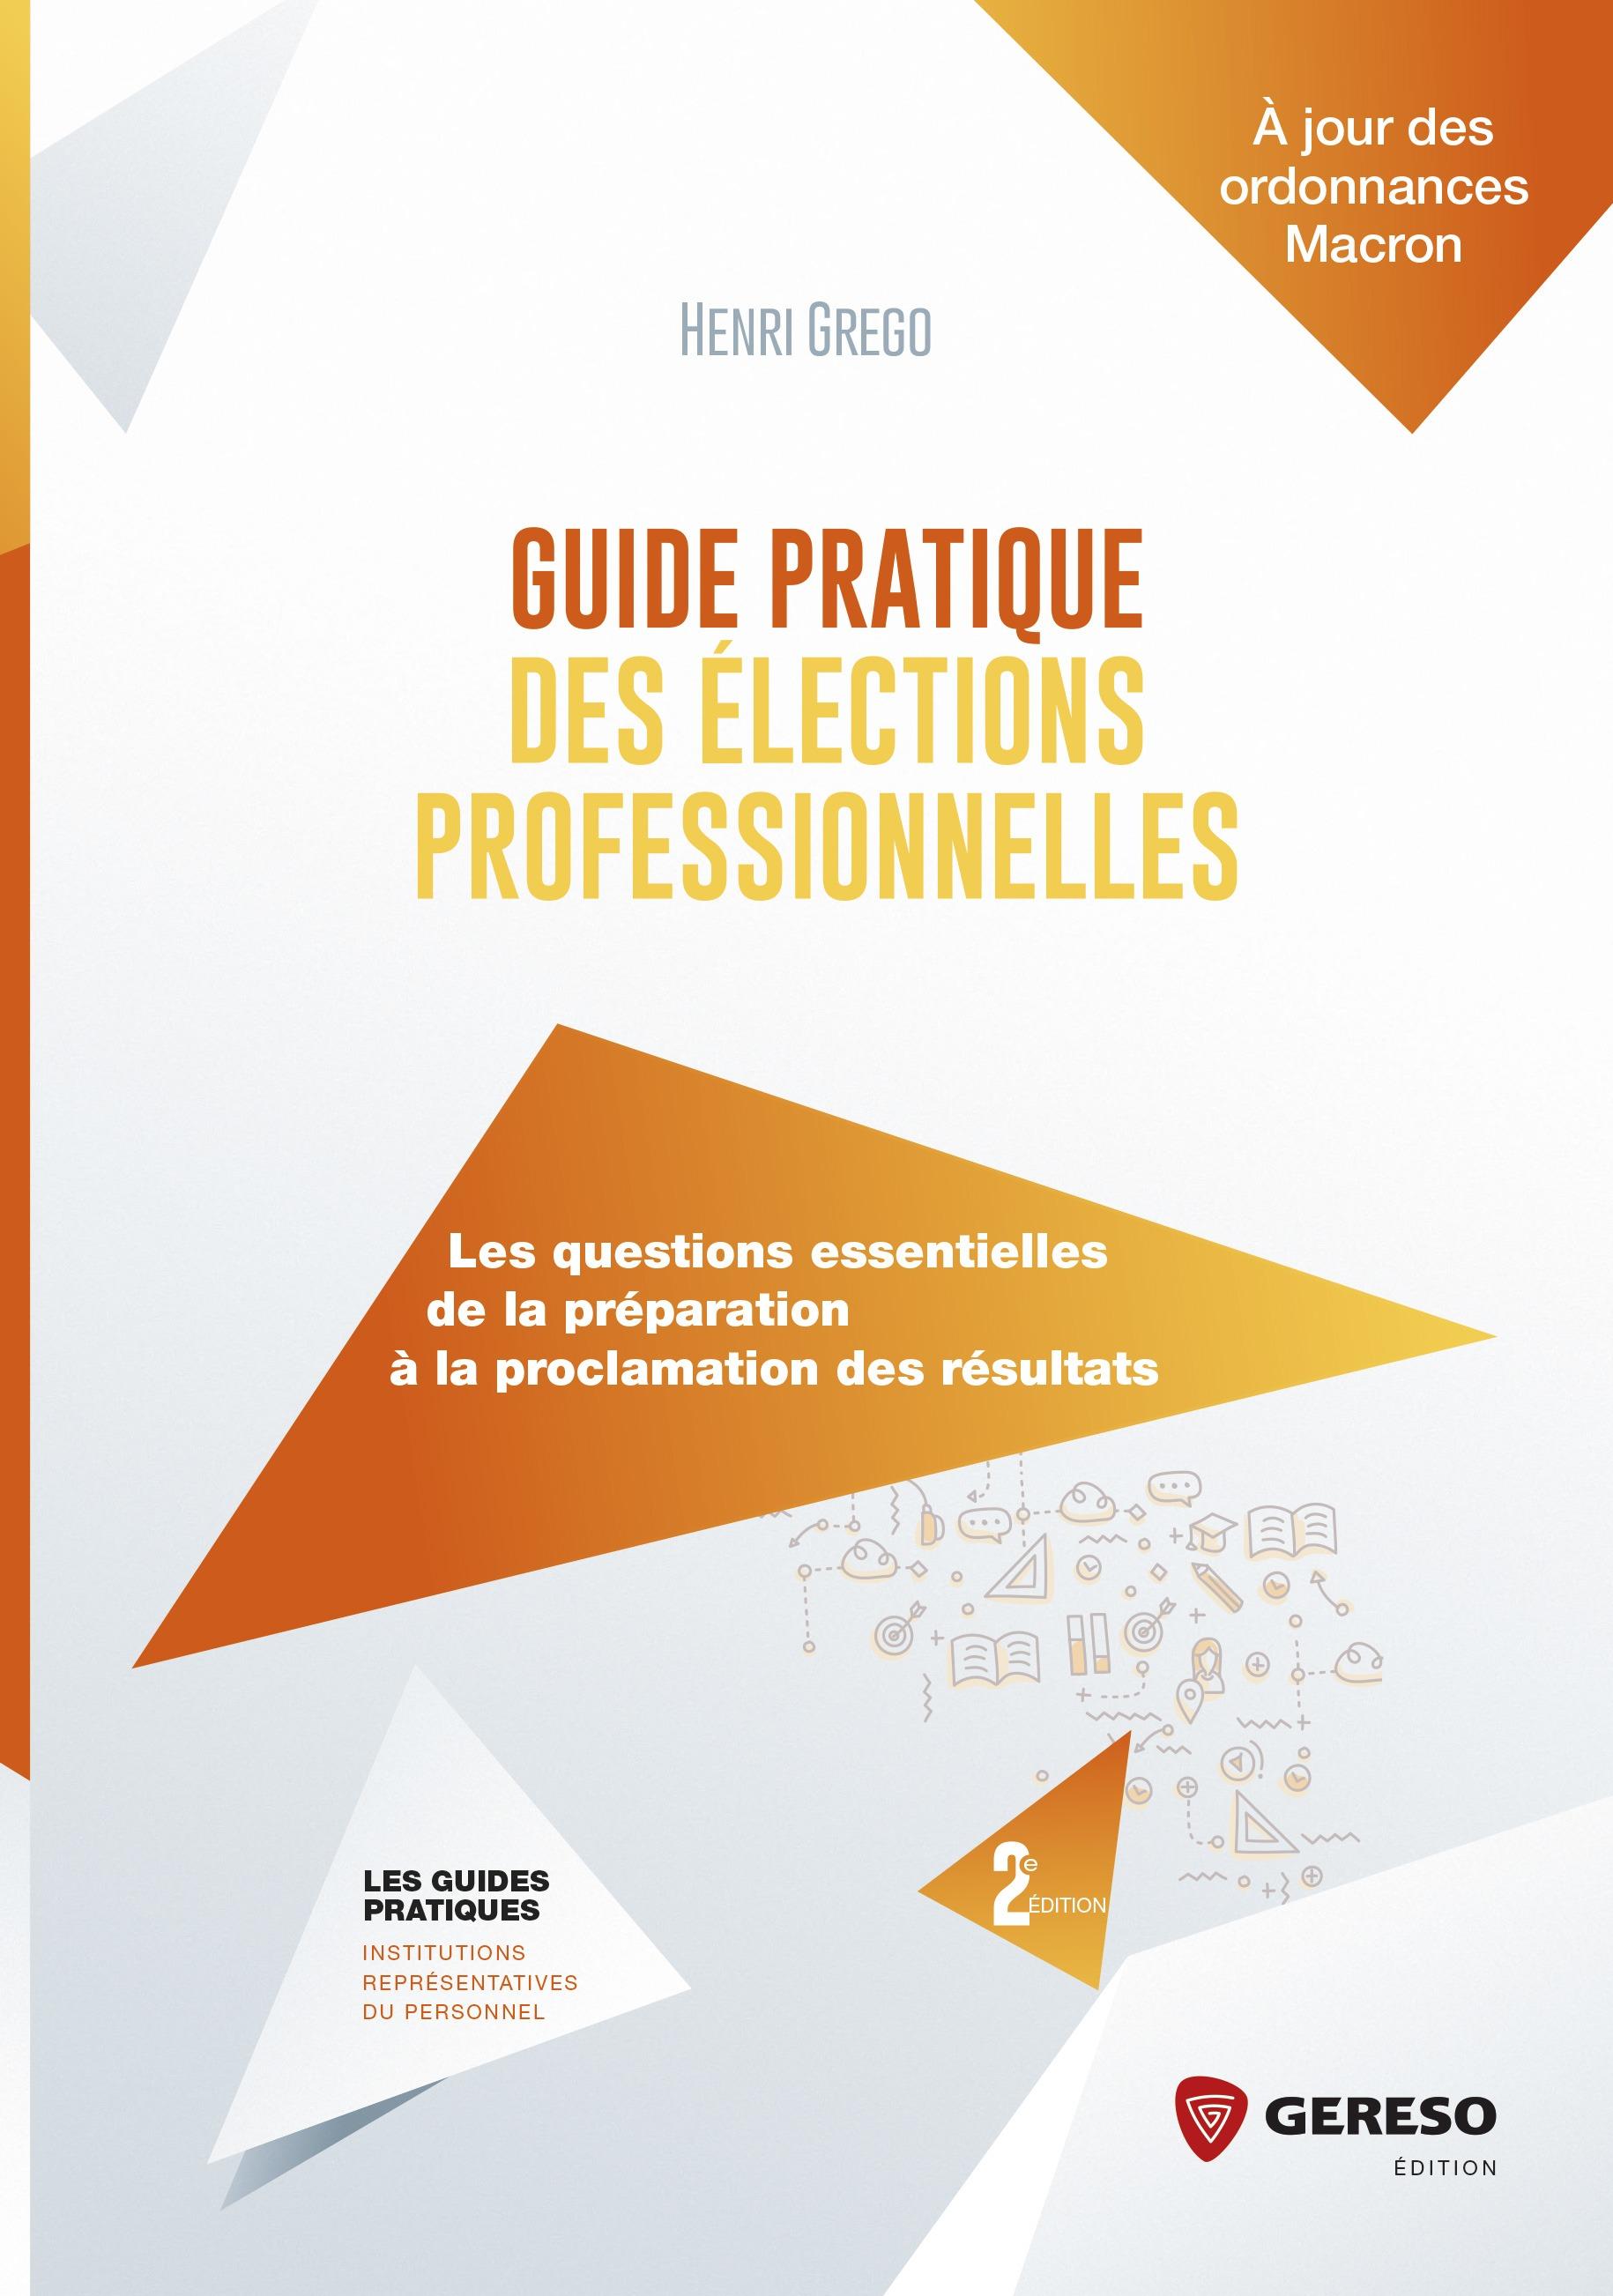 Guide pratique des élections professionnelles